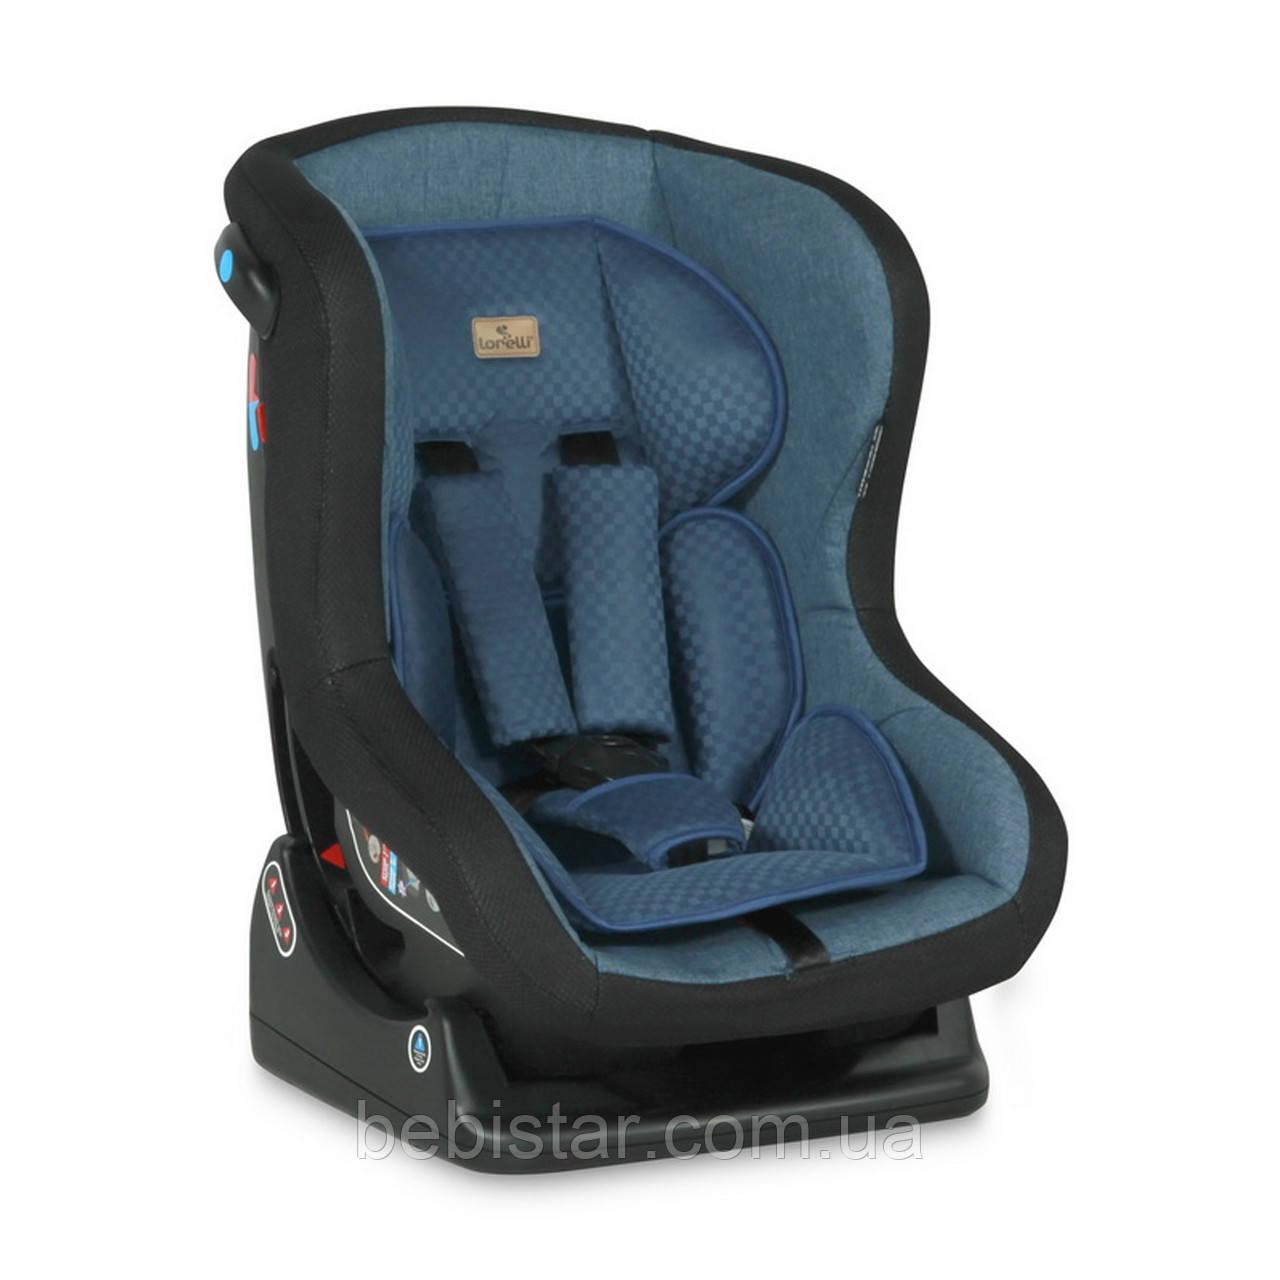 Автокресло синее Lorelli SATURN 0-18 KG BLUE для детей с рождения до 3-4 лет